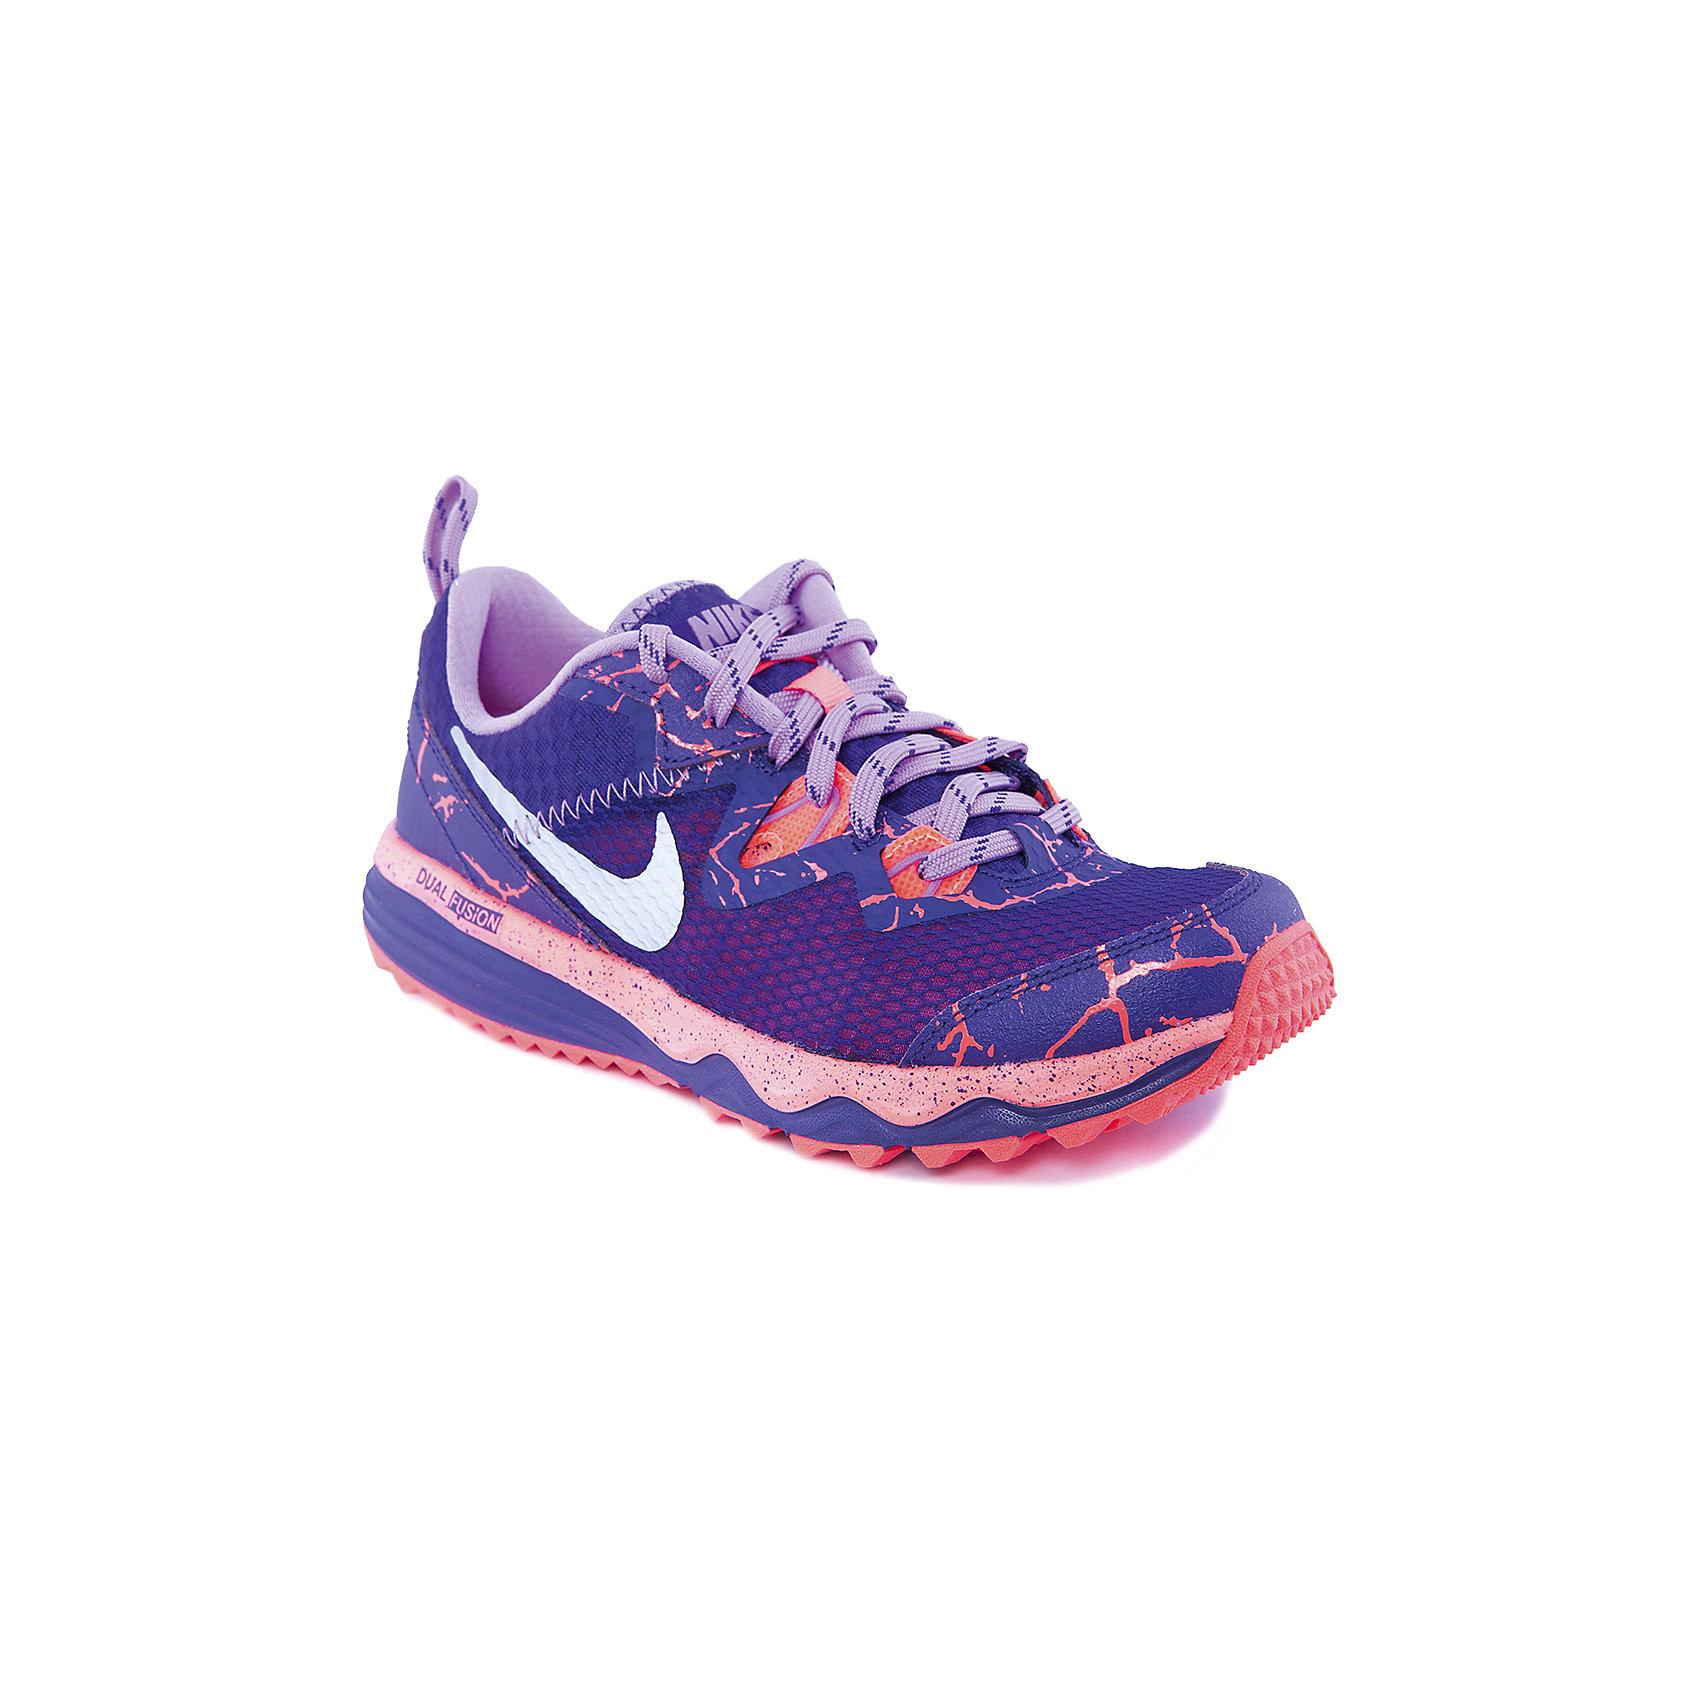 Кроссовки для девочки NIKE DUAL FUSION TRAIL LAVA GS NIKEКроссовки для девочки от популярной марки Nike<br><br>Обувь от бренда Nike известна во всем мире благодаря высочайшему качеству изделий, использованием новейших технологий и стильному дизайну.<br>Кроссовки для девочки NIKE DUAL FUSION TRAIL LAVA  –  это обувь для труднопроходимых маршрутов. Рифленая подошва обеспечивает отличное сцепление с поверхностью. Технология DUAL FUSION помогают стопе находится в комфортном положении. Легкие материалы верха не препятствует вентиляции ног. Легкие и удобные кроссовки. <br><br>Особенности данной модели:<br>- фиолетово-оранжевая цветовая гамма;<br>- шнуровка;<br>- наличие светоотражающих элементов;<br>- устойчивая подошва.<br><br>Сезон: демисезонная<br><br>Температурный режим: <br><br>Состав: от 0° С до +25° С<br><br>верх - кожа 47%, текстиль 40%, синтетическая кожа 13%;<br>подкладка – 100% текстиль;<br>подошва - резина 80%, пластик 20%.<br><br>Кроссовки для девочки Nike (Найк), можно купить в нашем магазине.<br><br>Ширина мм: 250<br>Глубина мм: 150<br>Высота мм: 150<br>Вес г: 250<br>Цвет: фиолетовый<br>Возраст от месяцев: 156<br>Возраст до месяцев: 180<br>Пол: Женский<br>Возраст: Детский<br>Размер: 37.5,34,34.5,35.5,36.5,37,38,39,35<br>SKU: 4262509